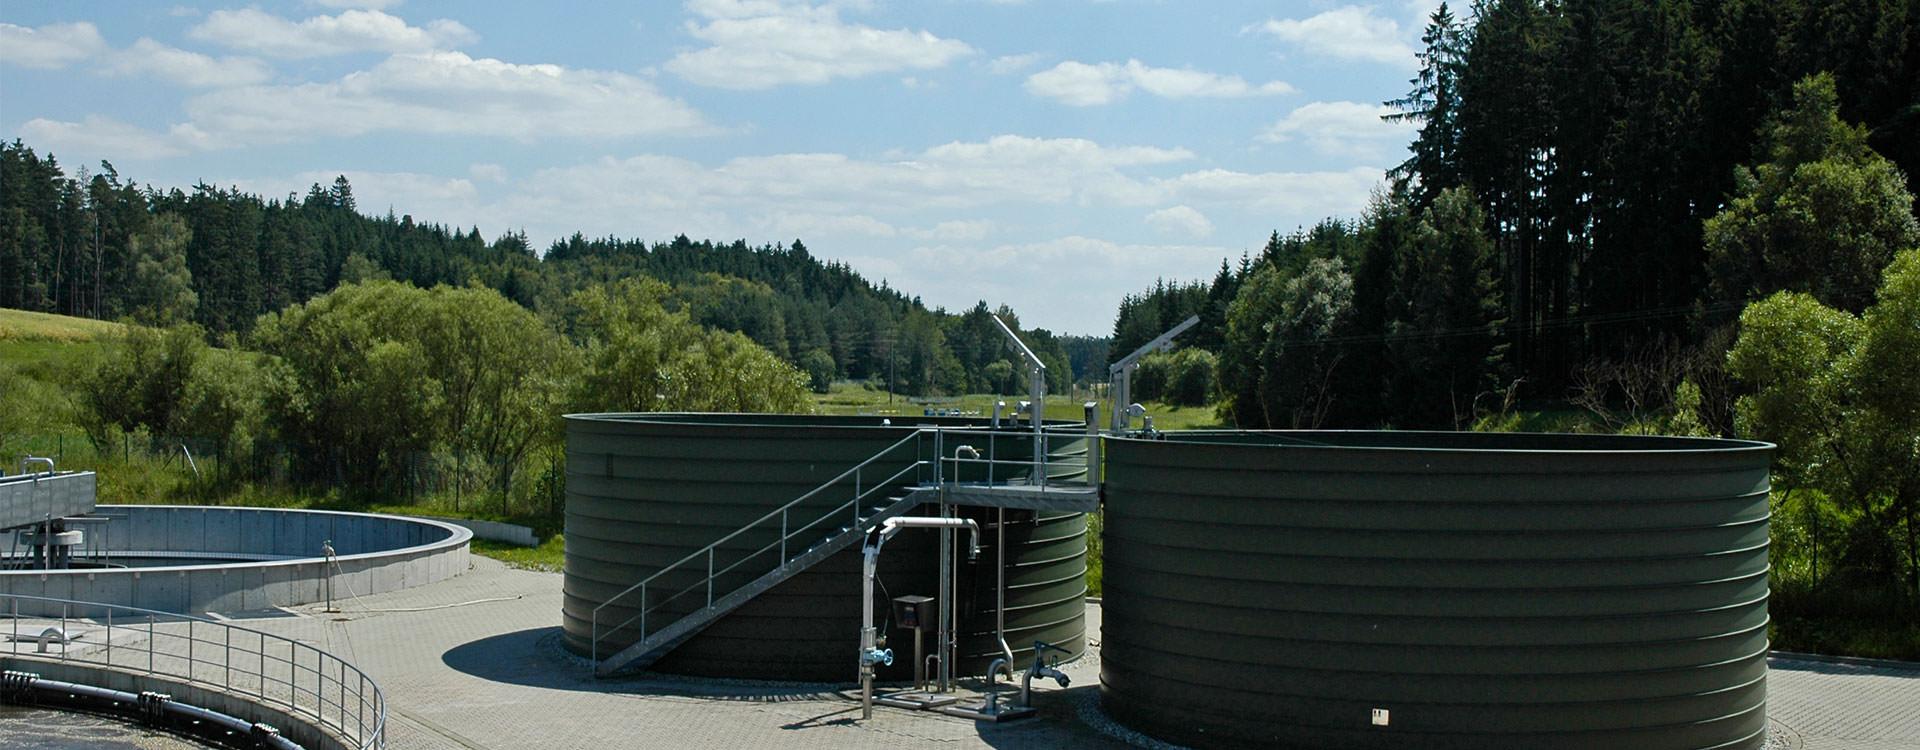 Liquid Storage Sludge-Piling